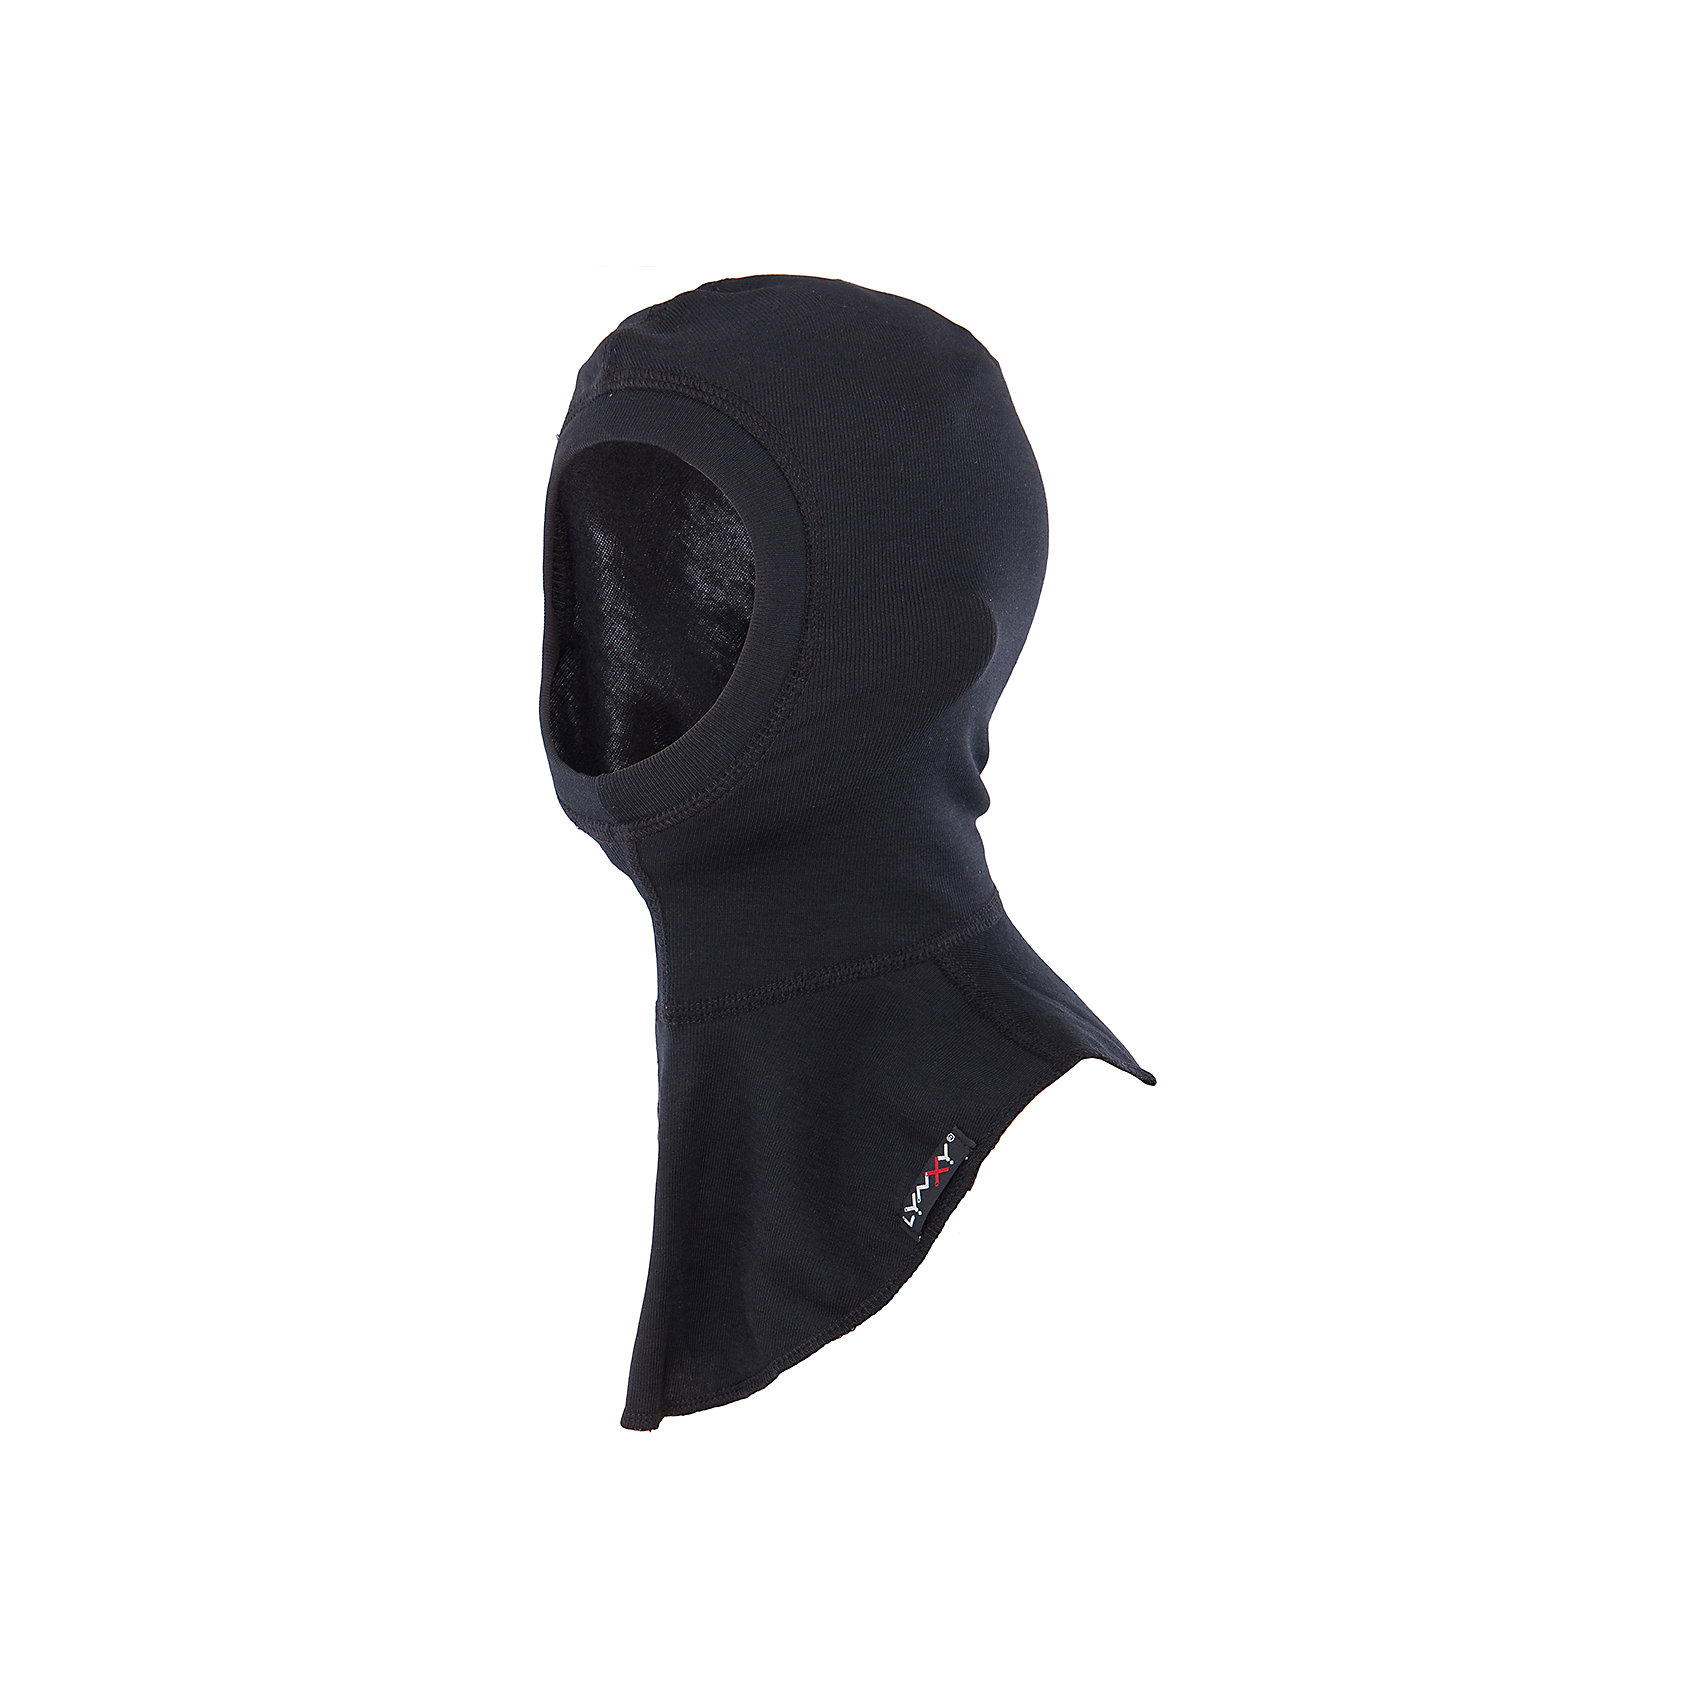 Шапка-шлем LynxyШапка-шлем от известного бренда Lynxy.<br>Детский подшлемник выполнен из мягкого термополотна Trevira с микроначесом с изнаночной стороны. Благодаря эластичному и мягкому полотну приятно к телу, плоские швы и эргономические лекала обеспечивают комфортное прилегание изделия. Идеально сохраняет тепло и выводит влагу, позволяя коже оставаться сухой. Благодаря присутствию ионов серебра в структуре полотна, имеет противомикробные свойства. Идеально подходит для длительных прогулок и активных занятий спортом в холодное время года до - 30 градусов. Рекомендуется деликатная машинная стирка при температуре 40 градусов без предварительного замачивания.<br>Состав:<br>полиэстер 95%, вискоза 5%<br><br>Ширина мм: 89<br>Глубина мм: 117<br>Высота мм: 44<br>Вес г: 155<br>Цвет: черный<br>Возраст от месяцев: 144<br>Возраст до месяцев: 180<br>Пол: Мужской<br>Возраст: Детский<br>Размер: 56,52,54<br>SKU: 4971241